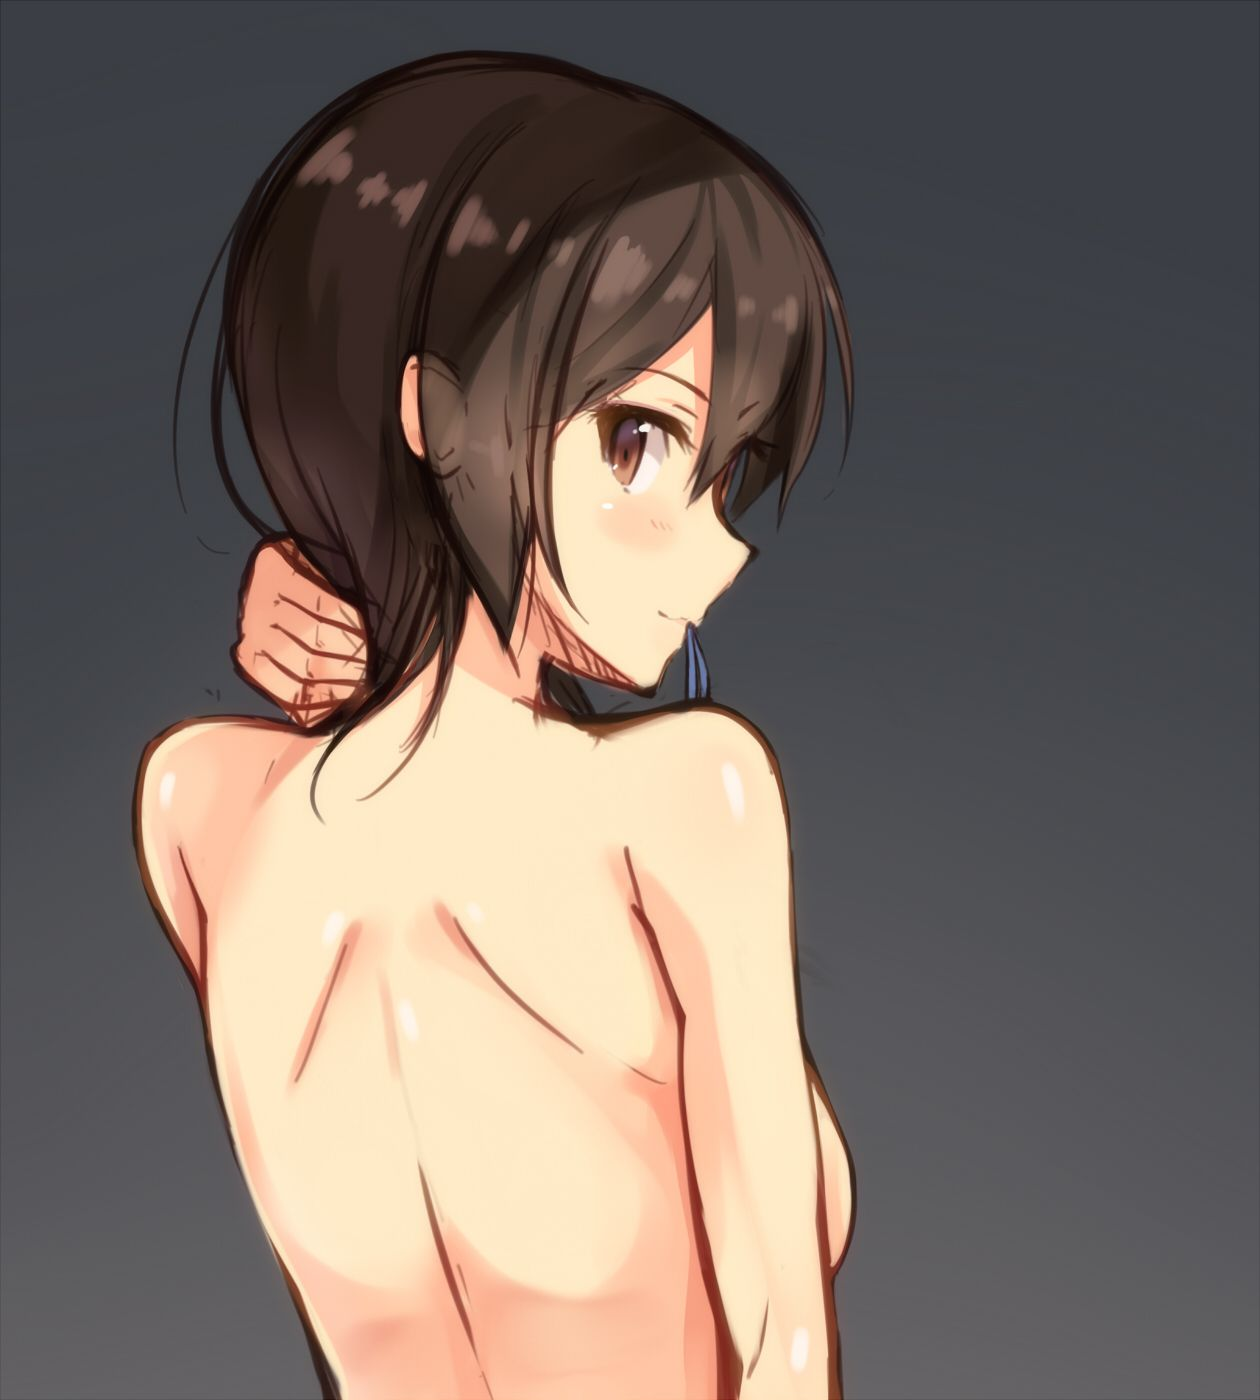 kaga_(kantai_collection)141